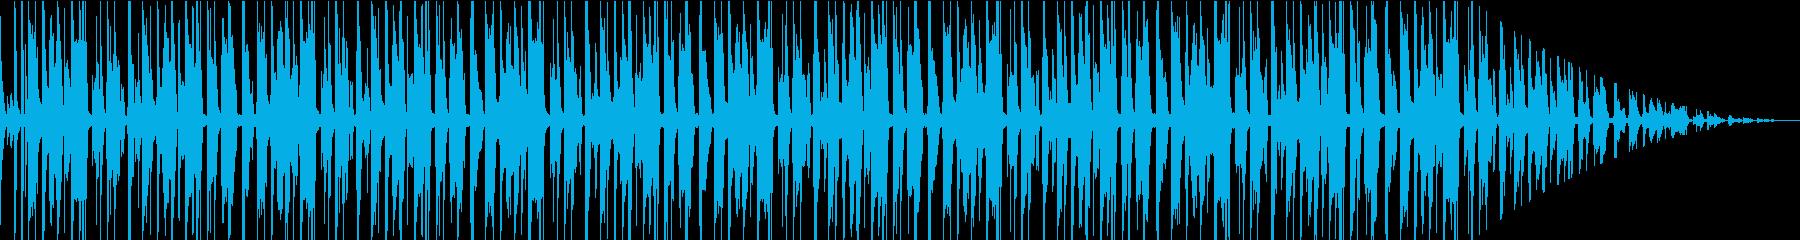 渋くてクールなディスコサウンドの再生済みの波形